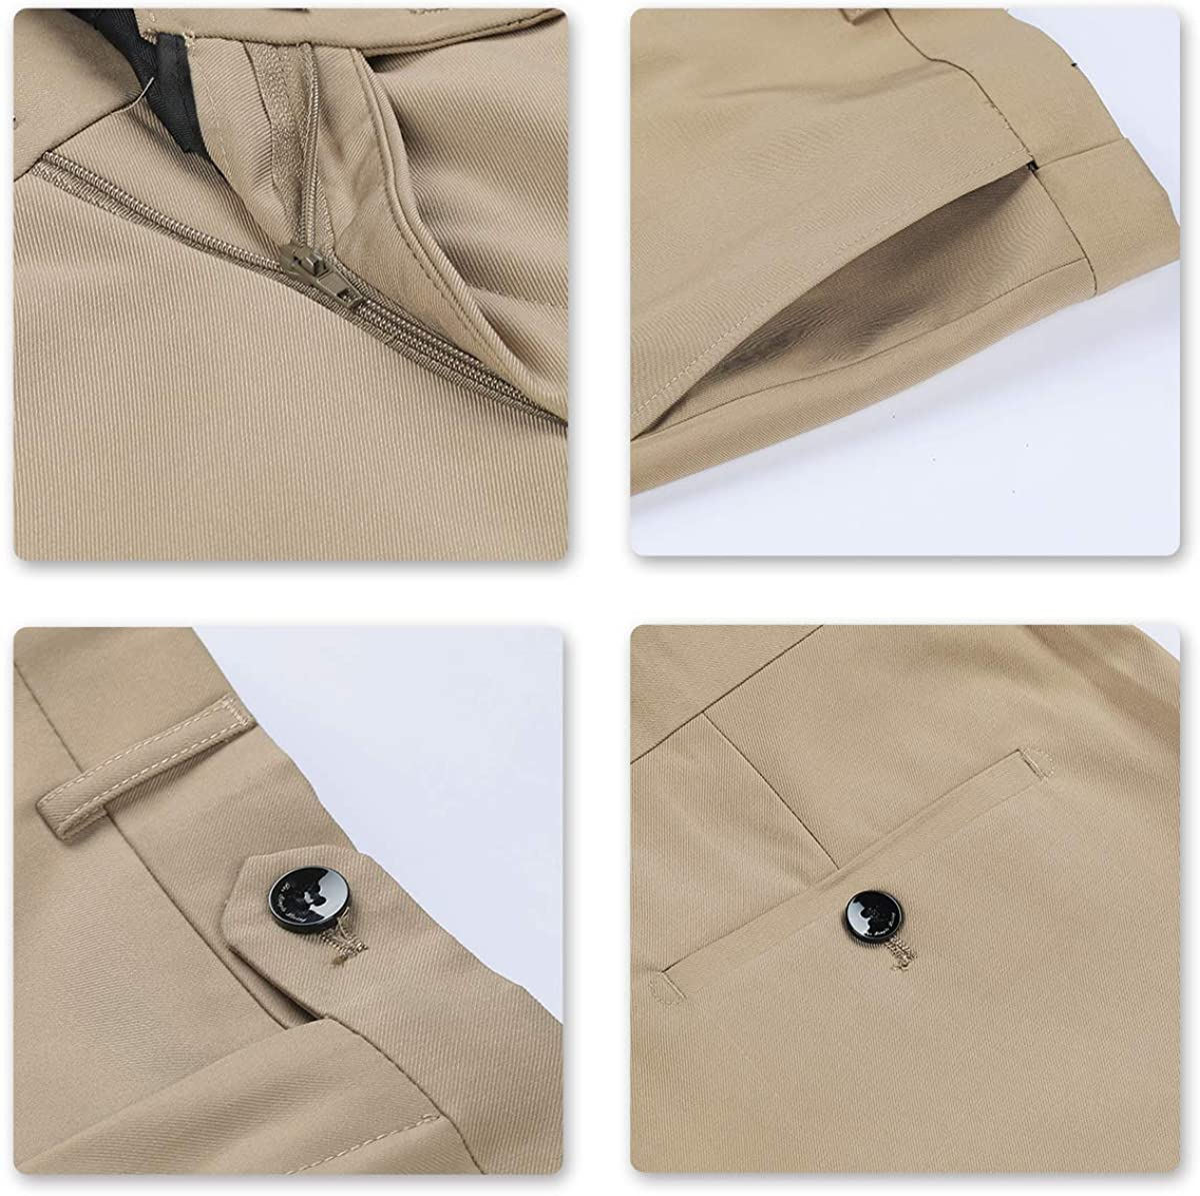 Amazon.com: YFFUSHI Trajes de 2 piezas para hombre, un botón ...